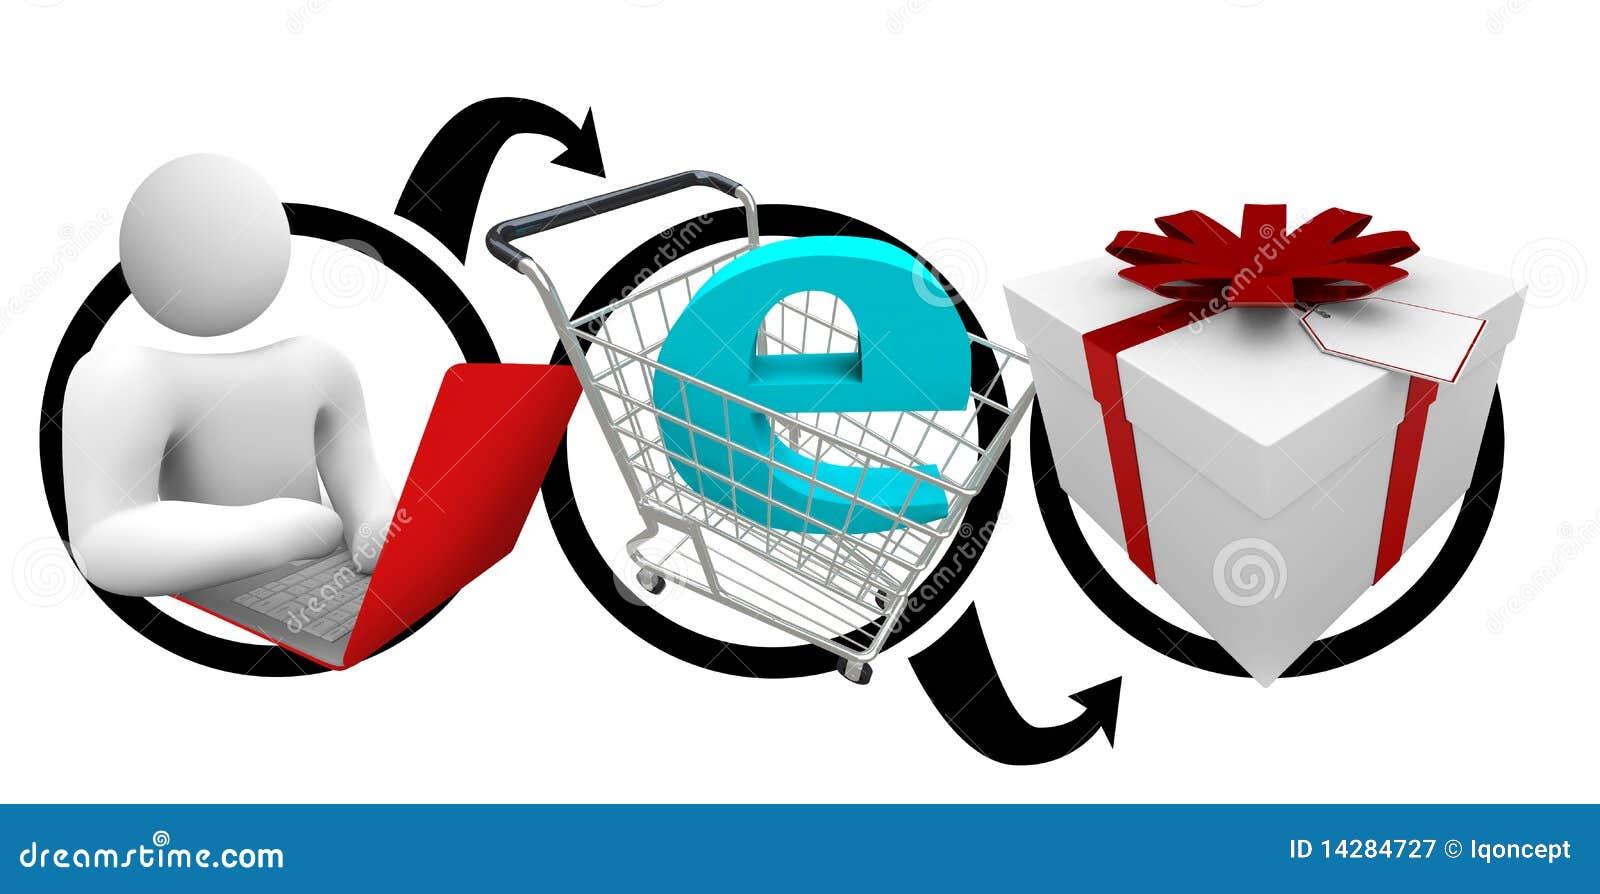 Onlineeinkaufen Für Ein Geschenk Stock Abbildung - Illustration von ...